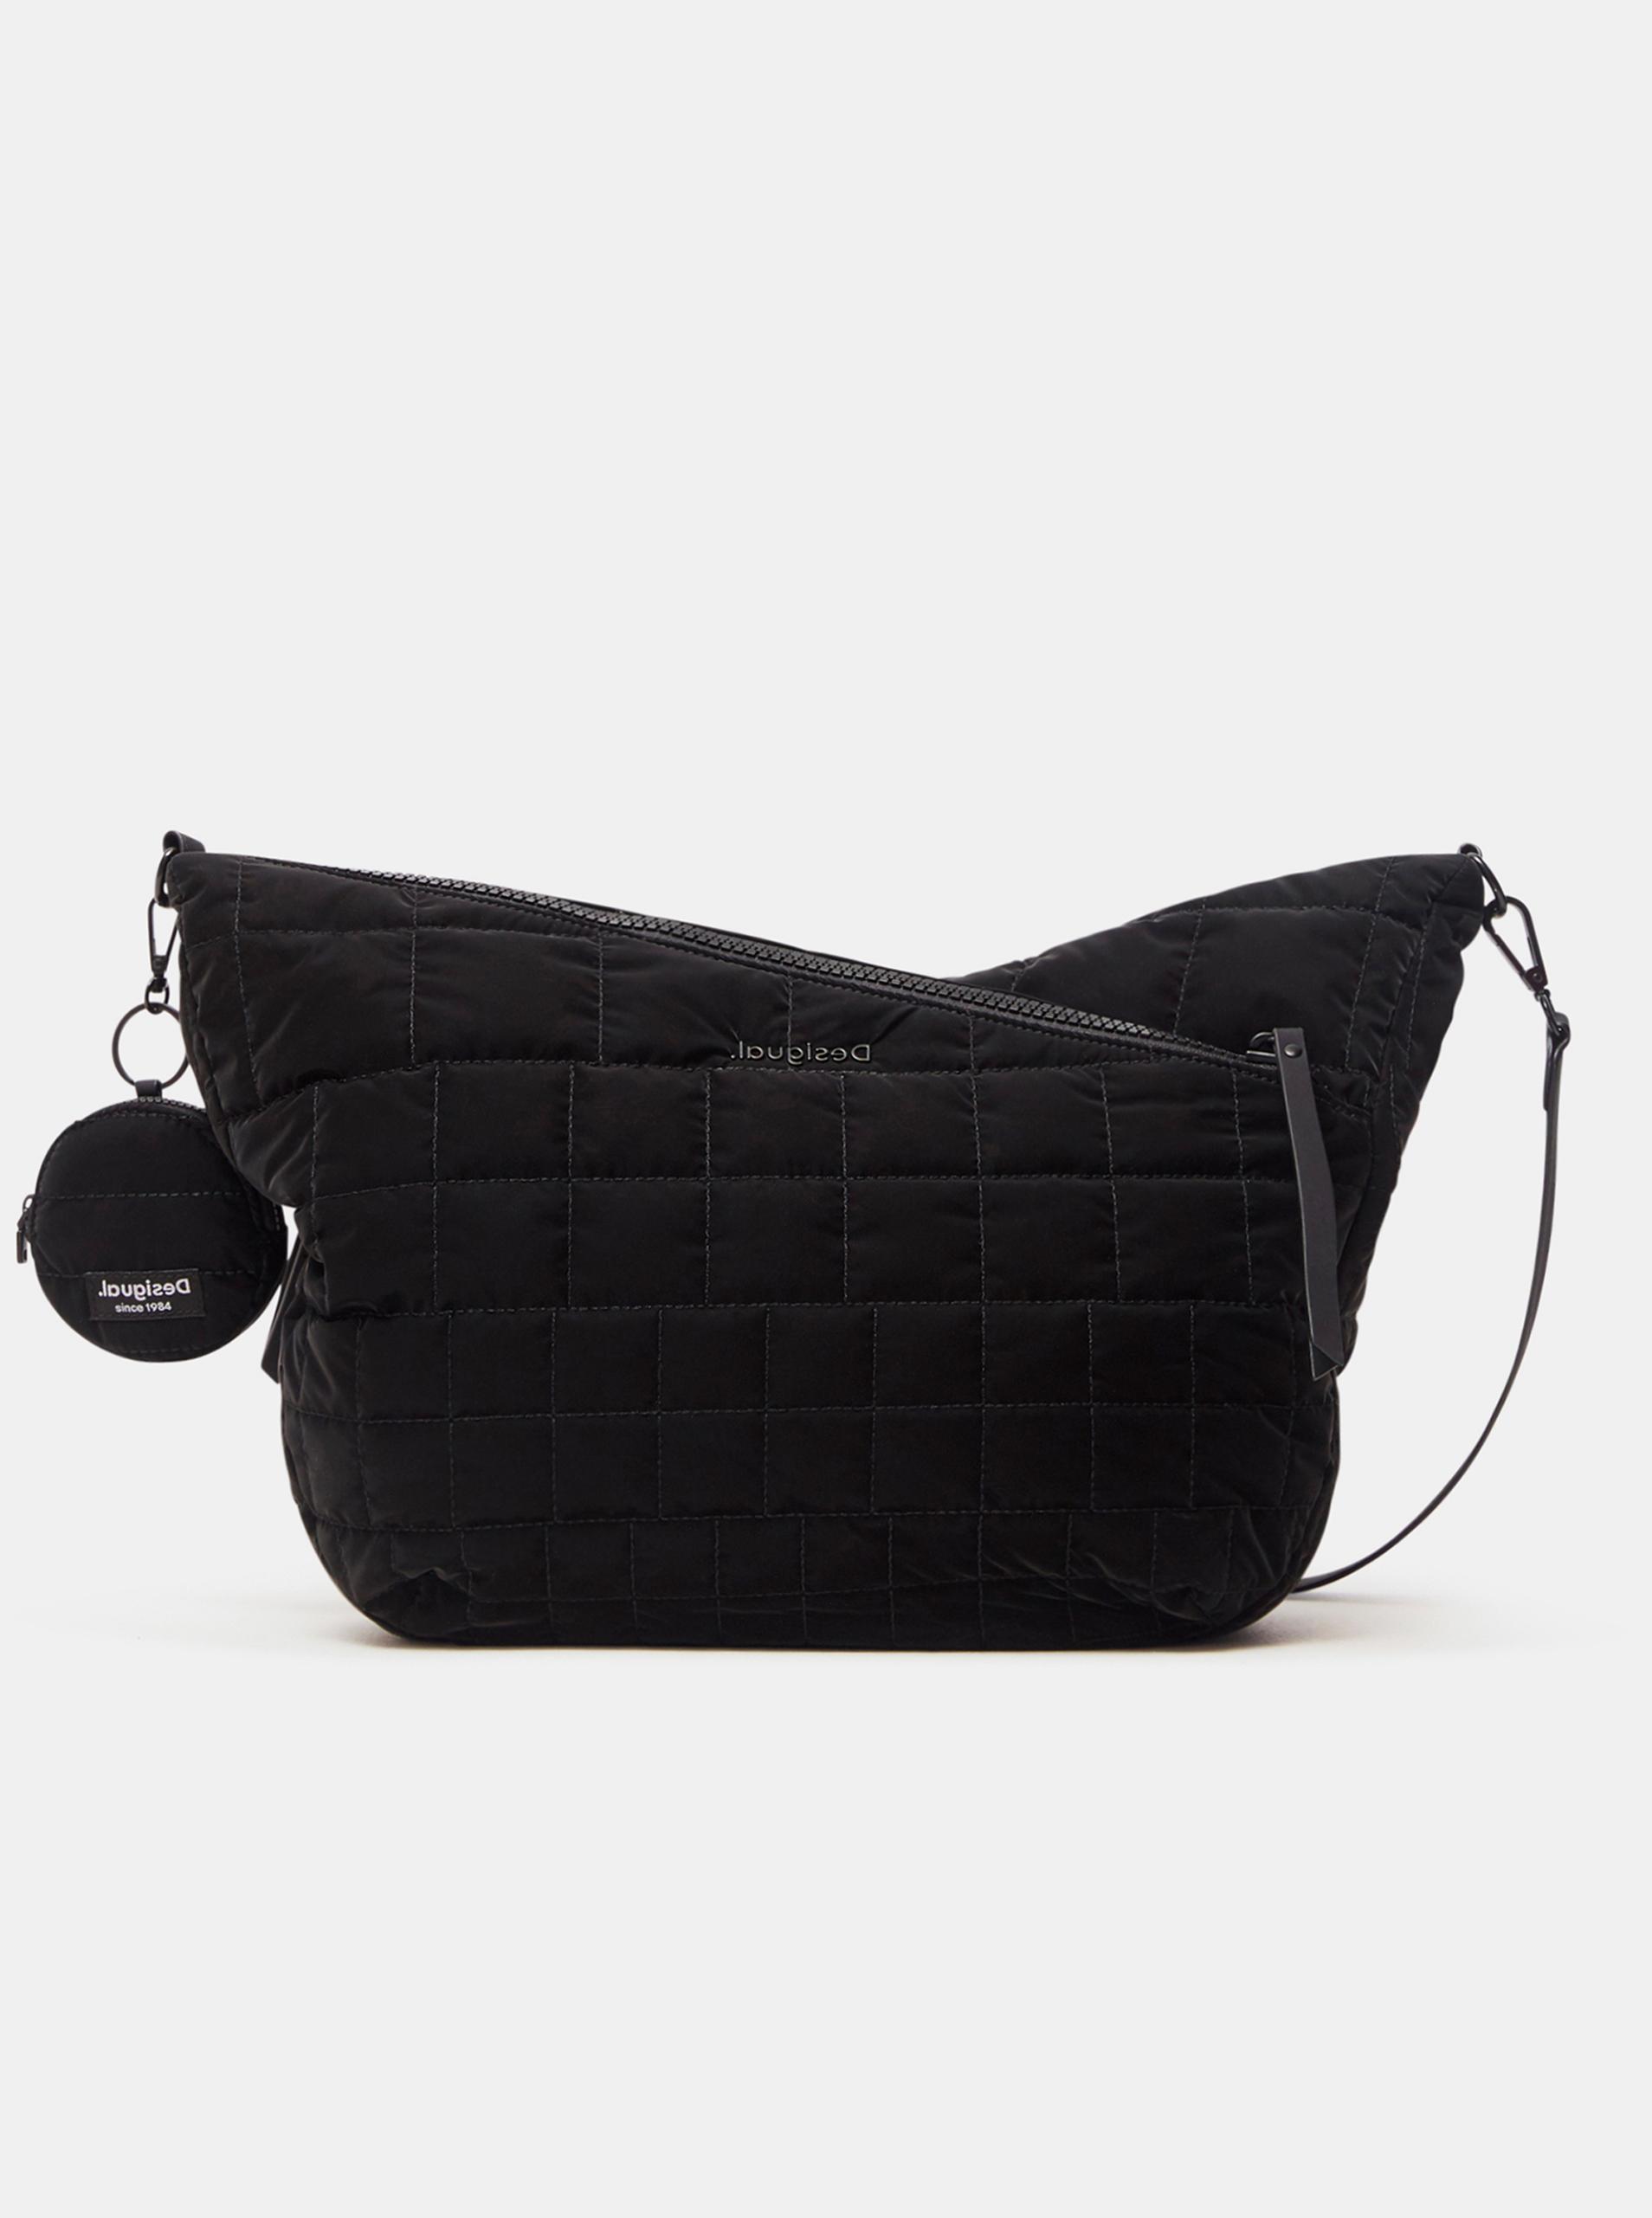 Desigual Women's bag black  Cocoa